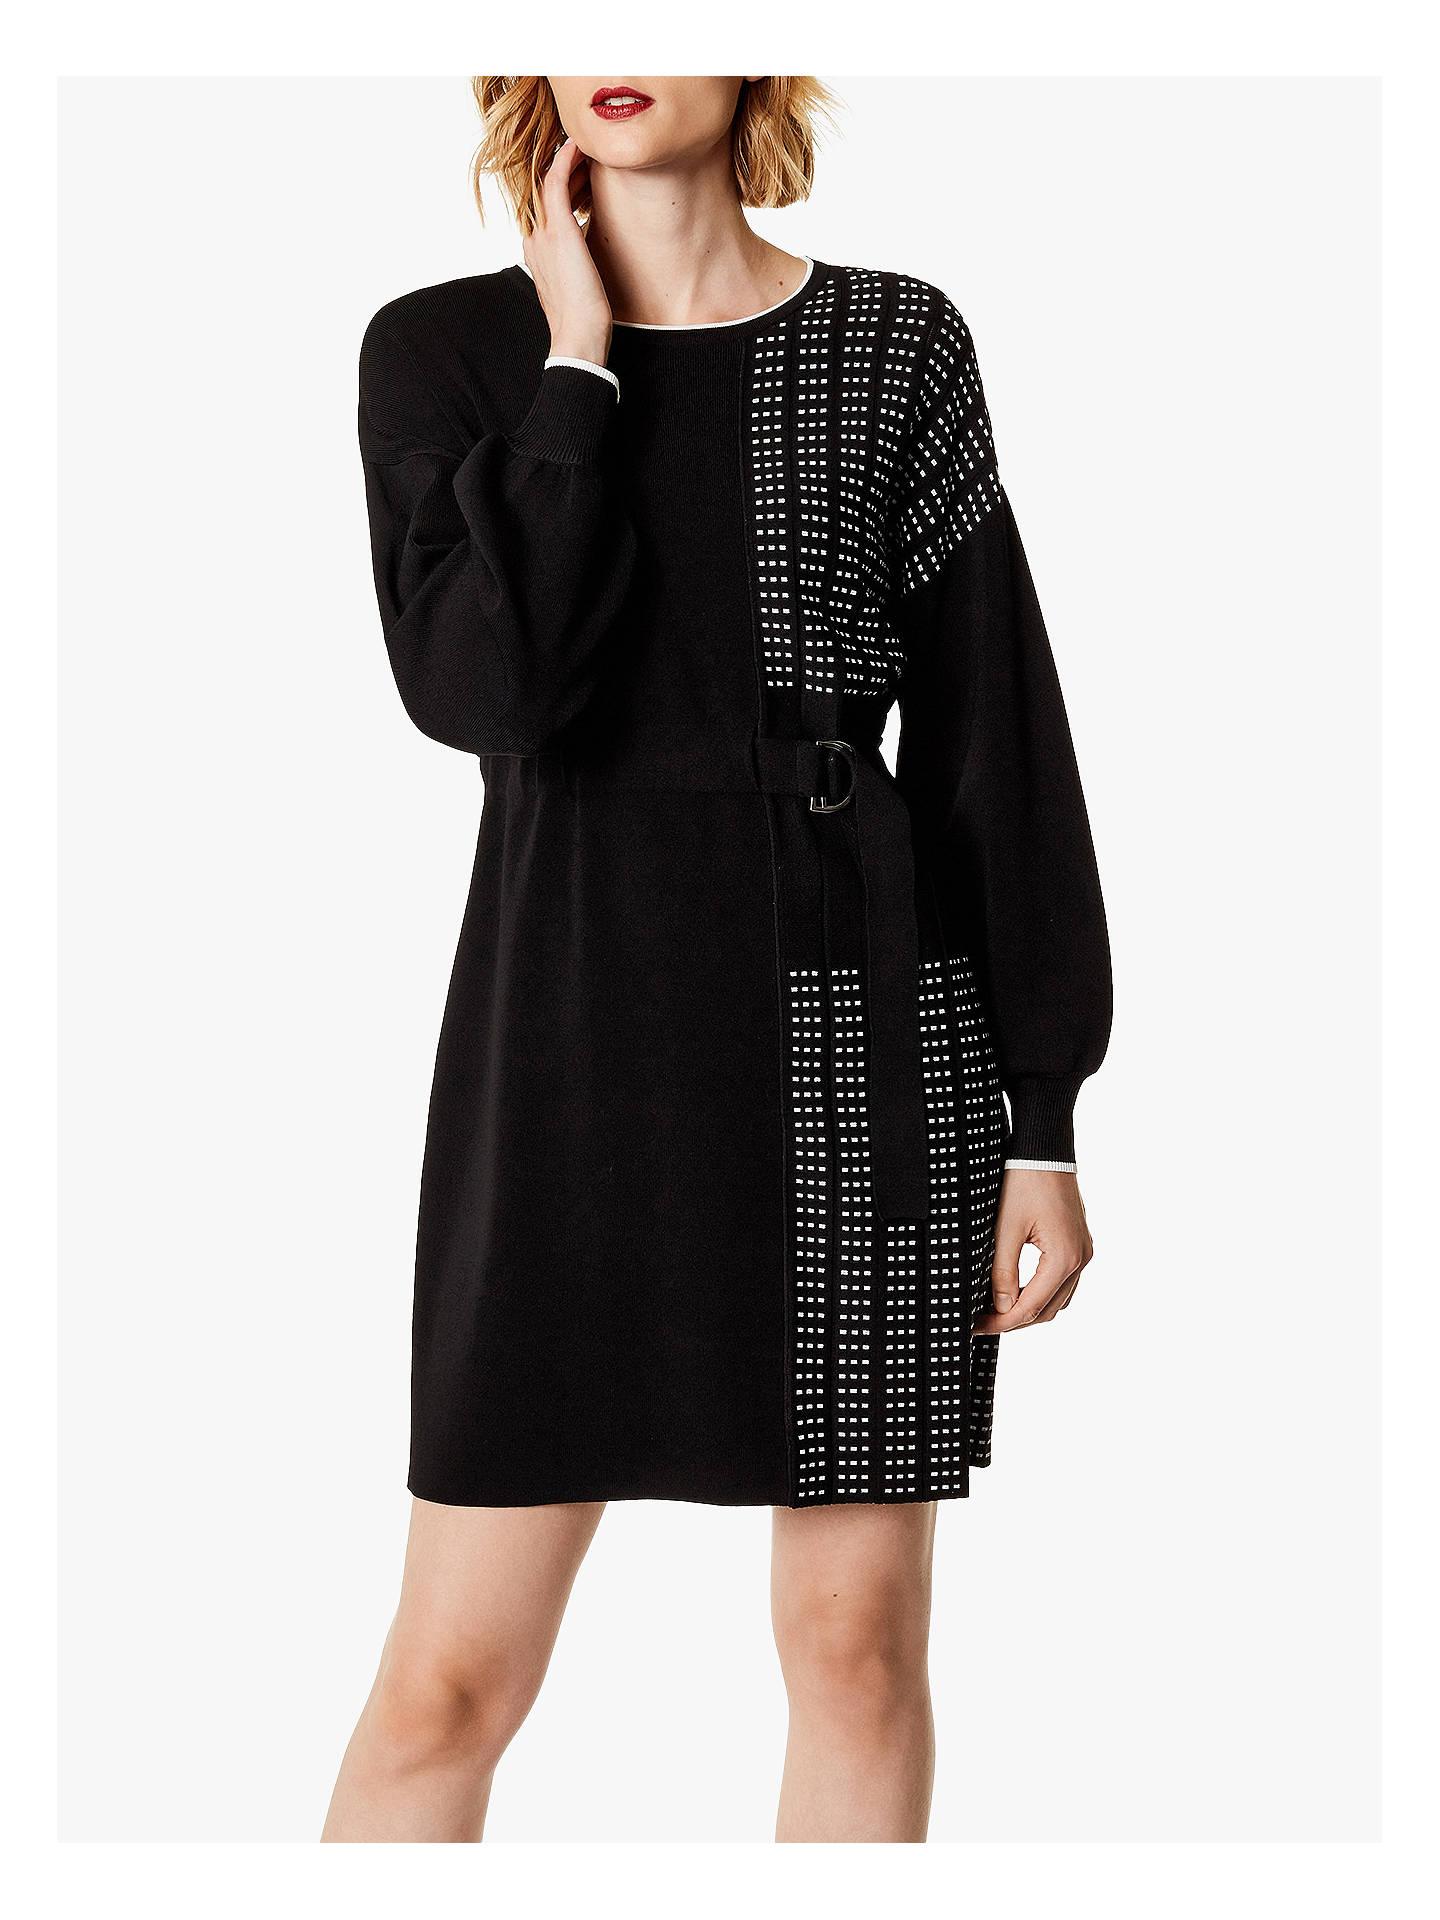 8b465ee8c16 Buy Karen Millen Half-Pleated Jumper Dress